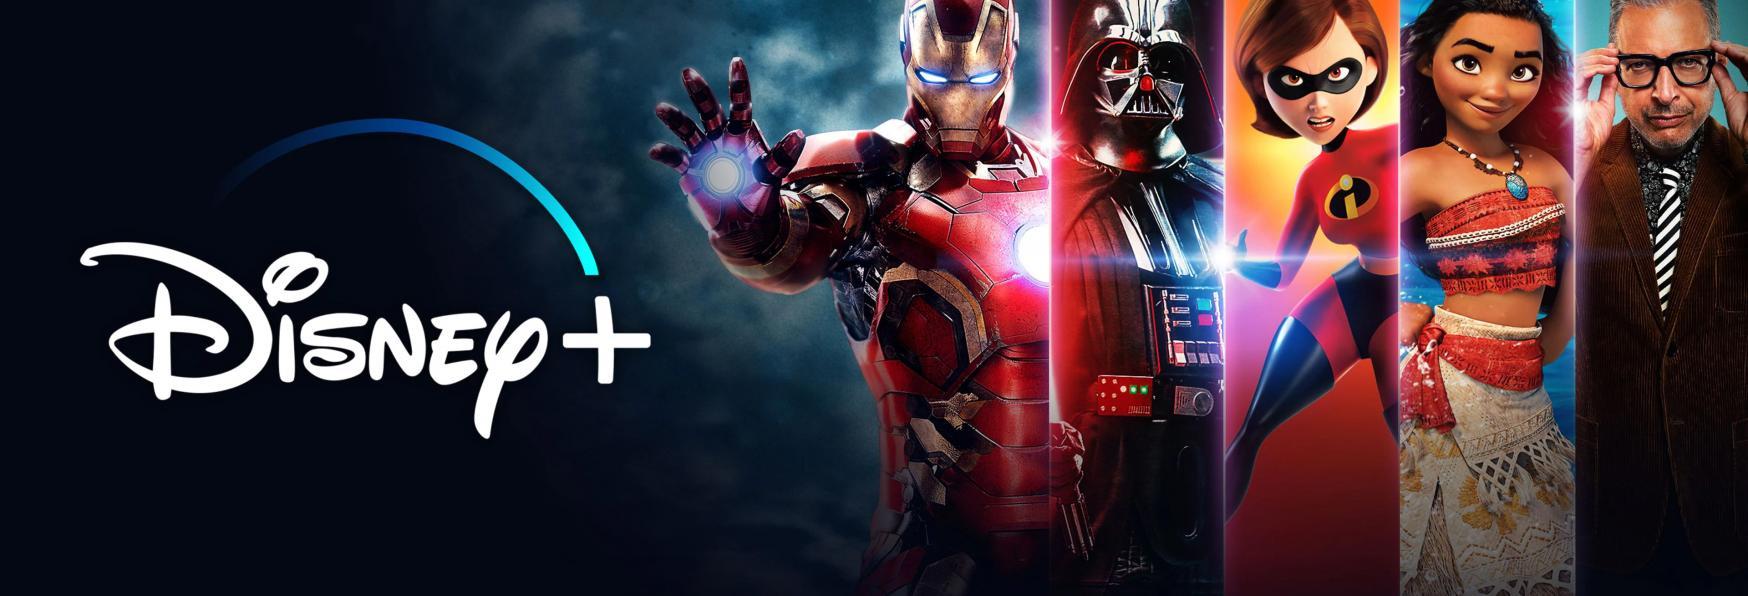 Disney+ è arrivato! La Lista di tutte le Serie TV disponibili sulla Piattaforma di Streaming